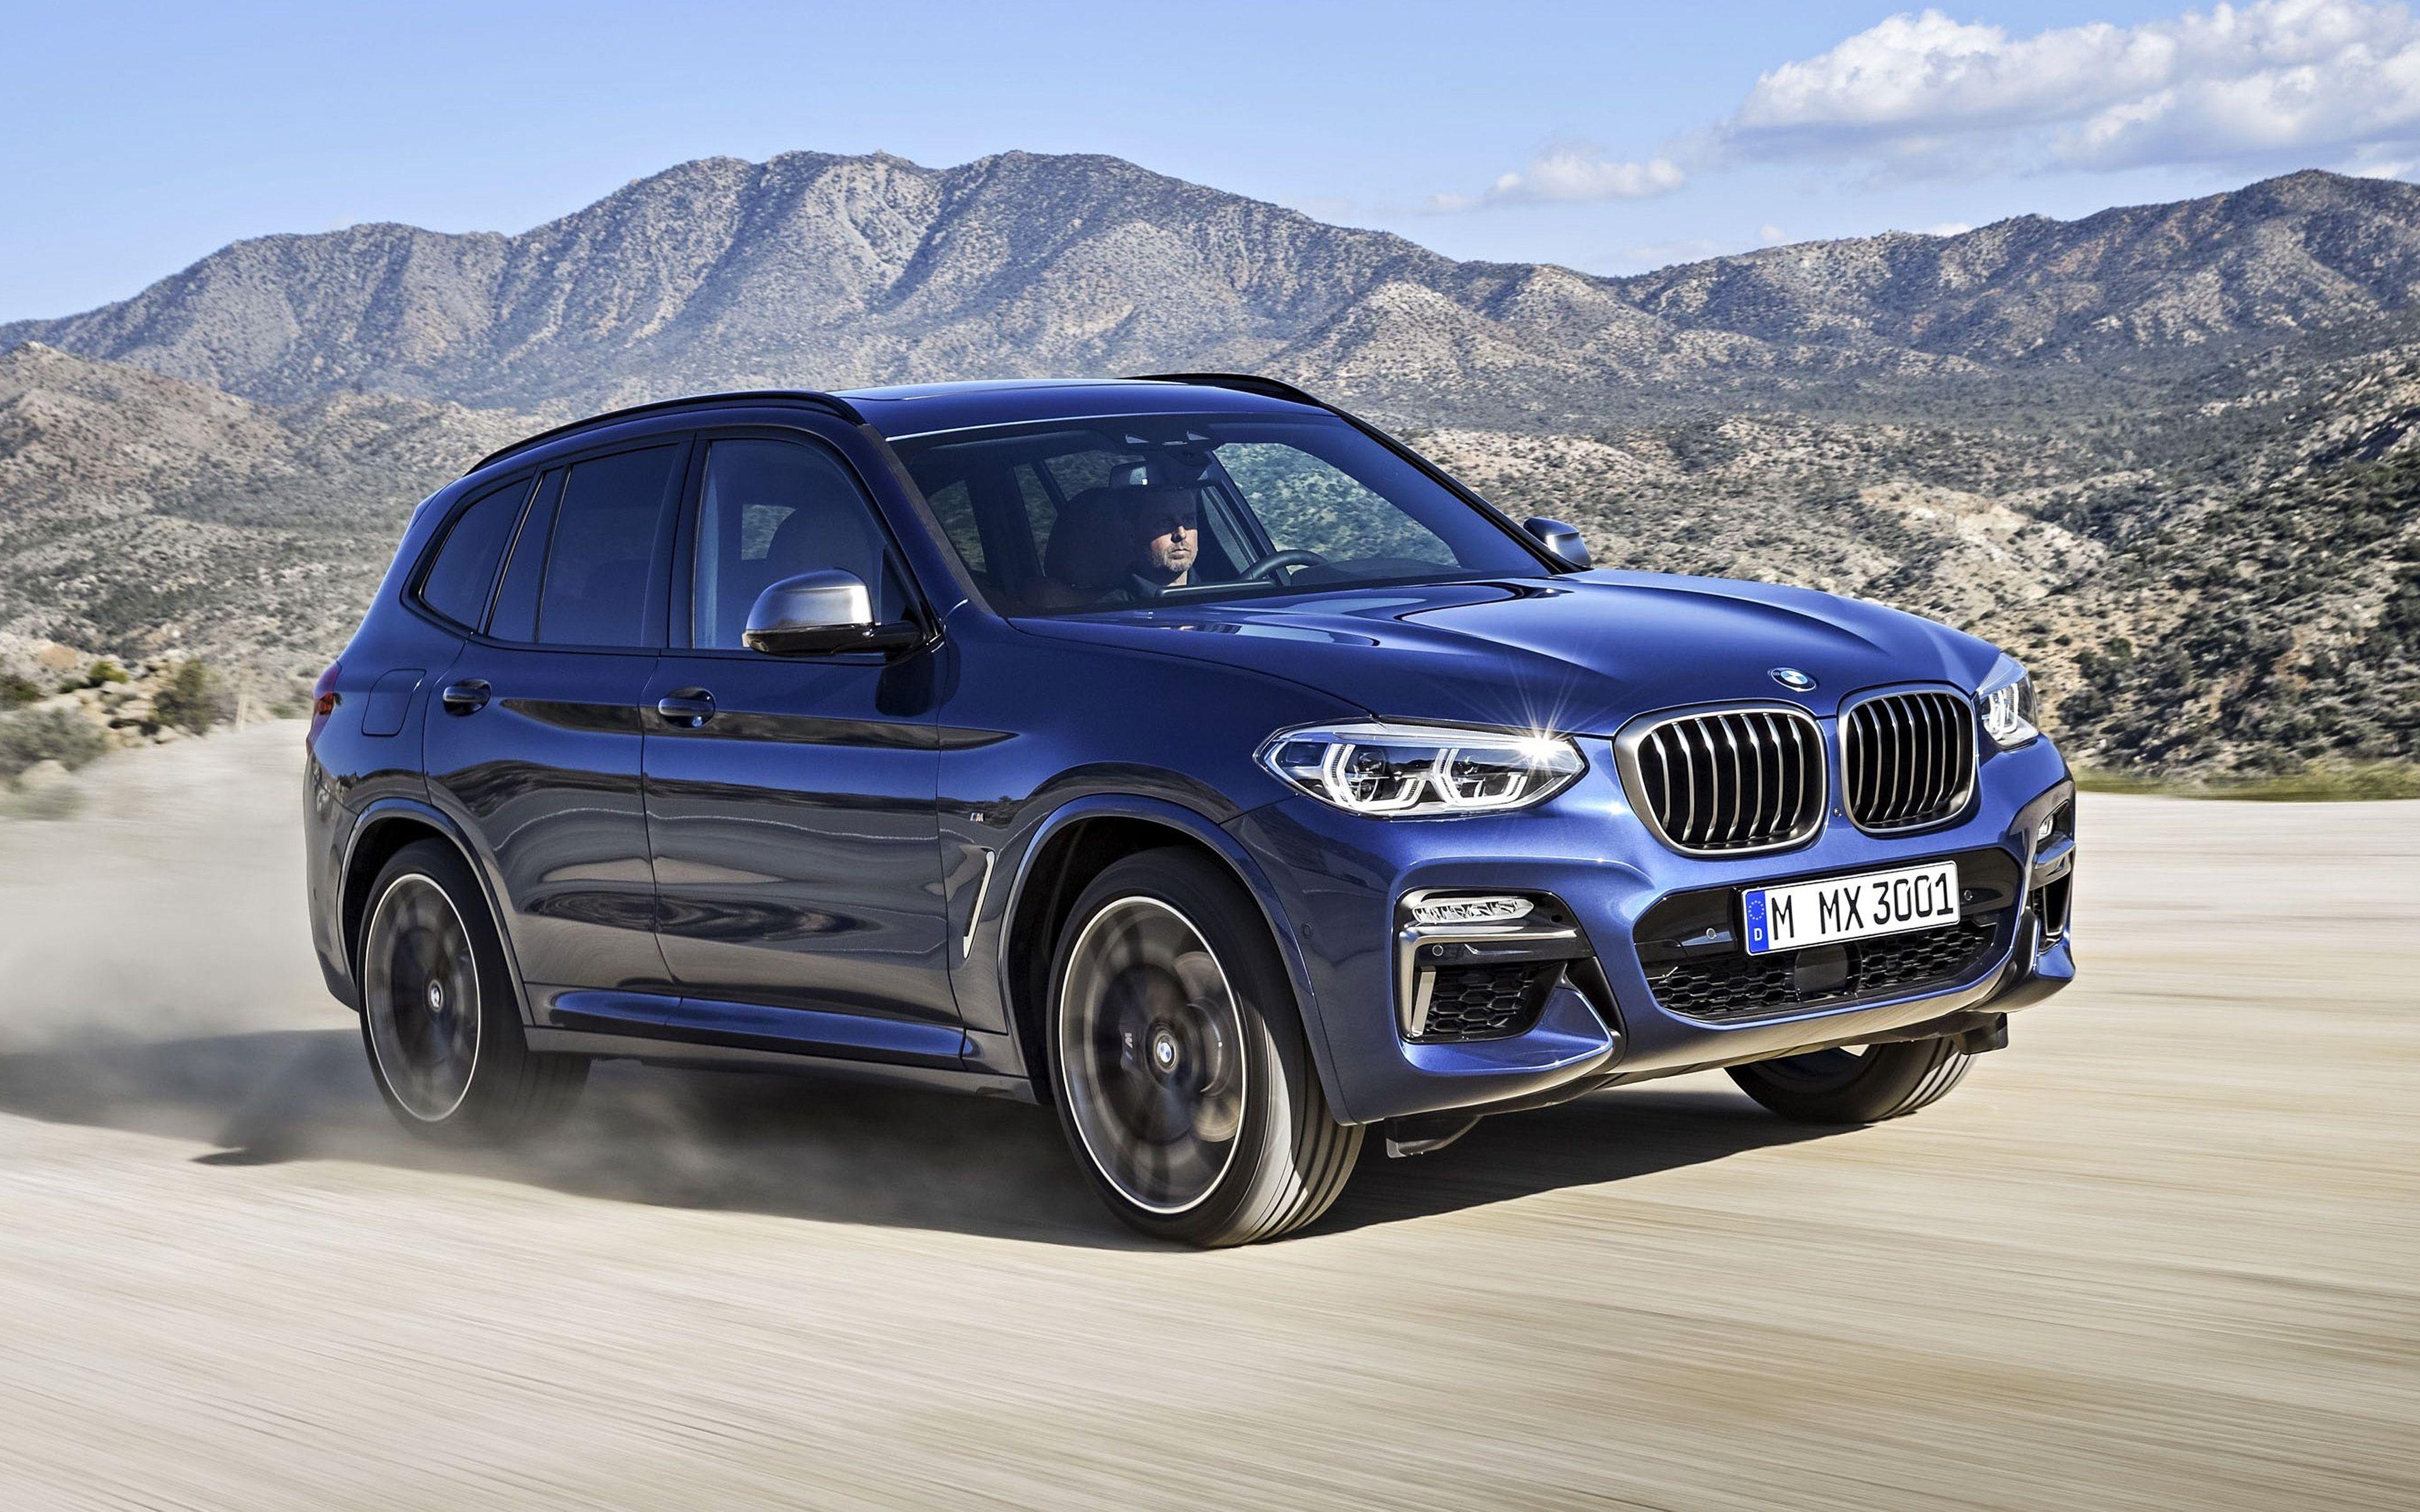 BMW X3, 2019, 4k, xdrive30i, blue luxury crossover, new